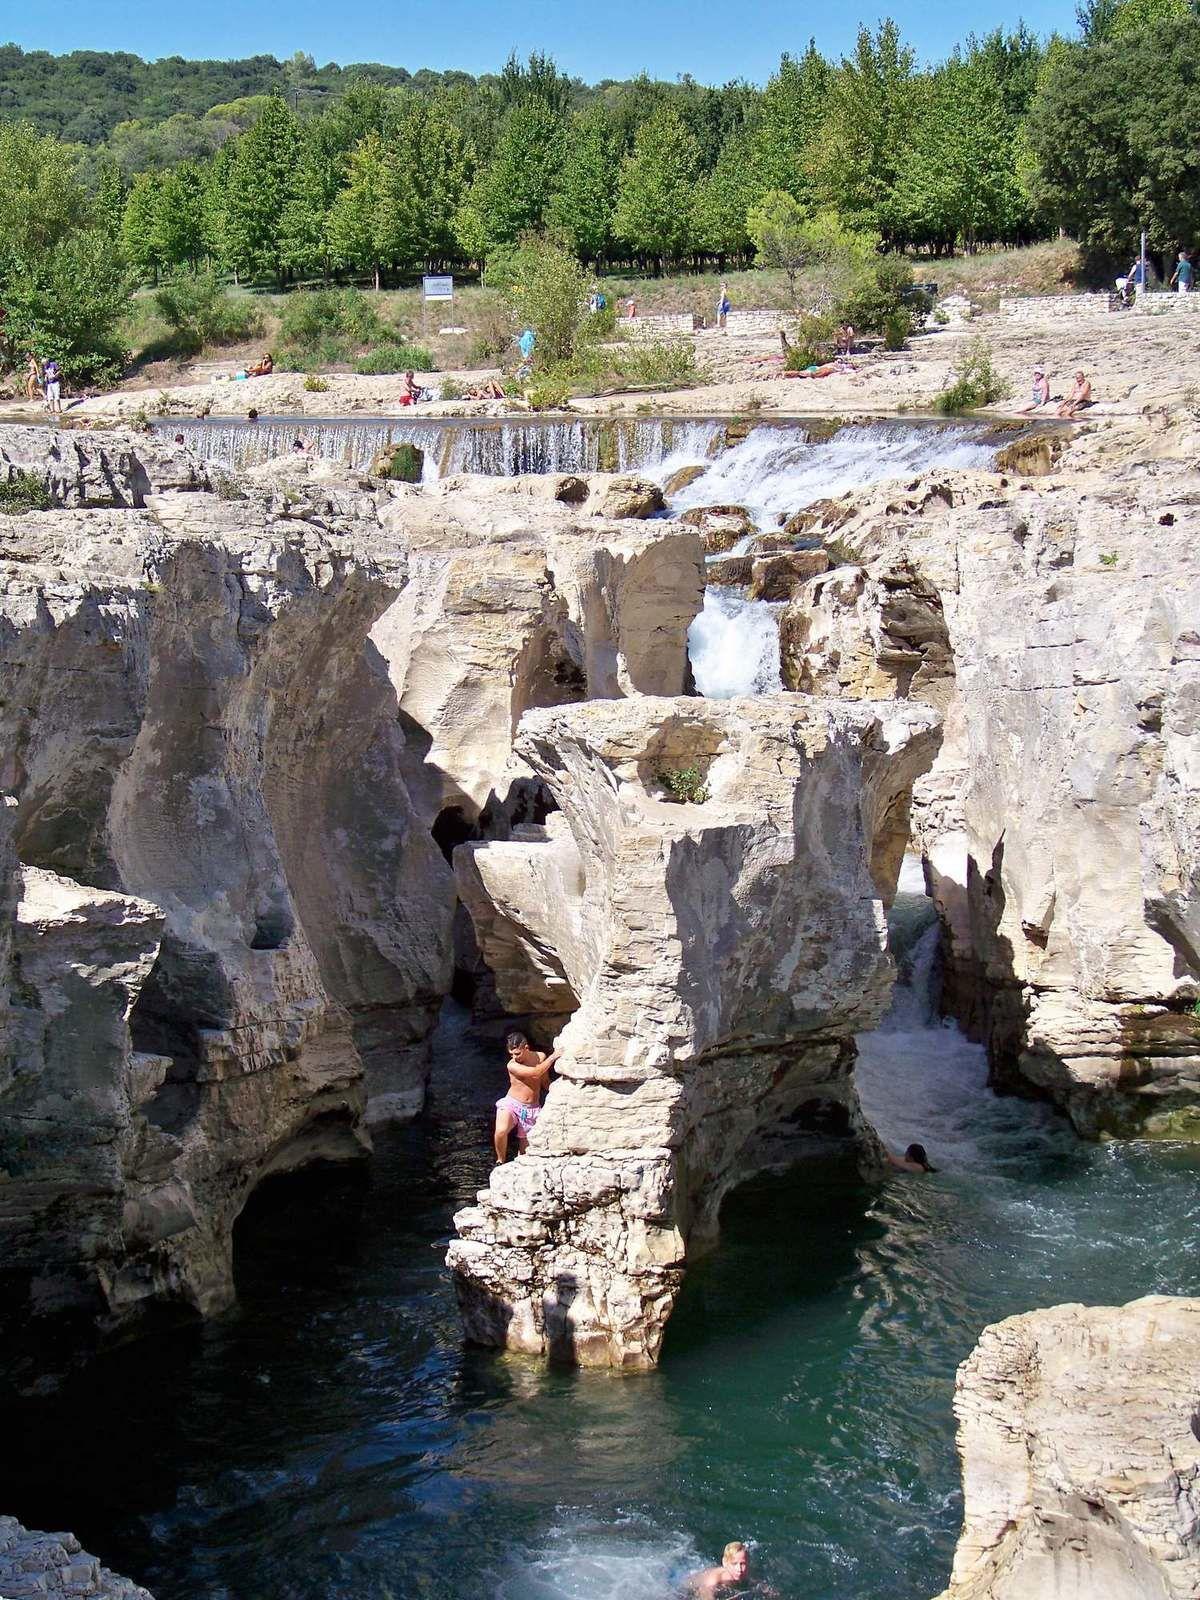 Les cascades du Sautadet sont une série de chutes d'eau et de rapides d'un niveau progressif de 15 mètres situés sur le cours de la Cèze,